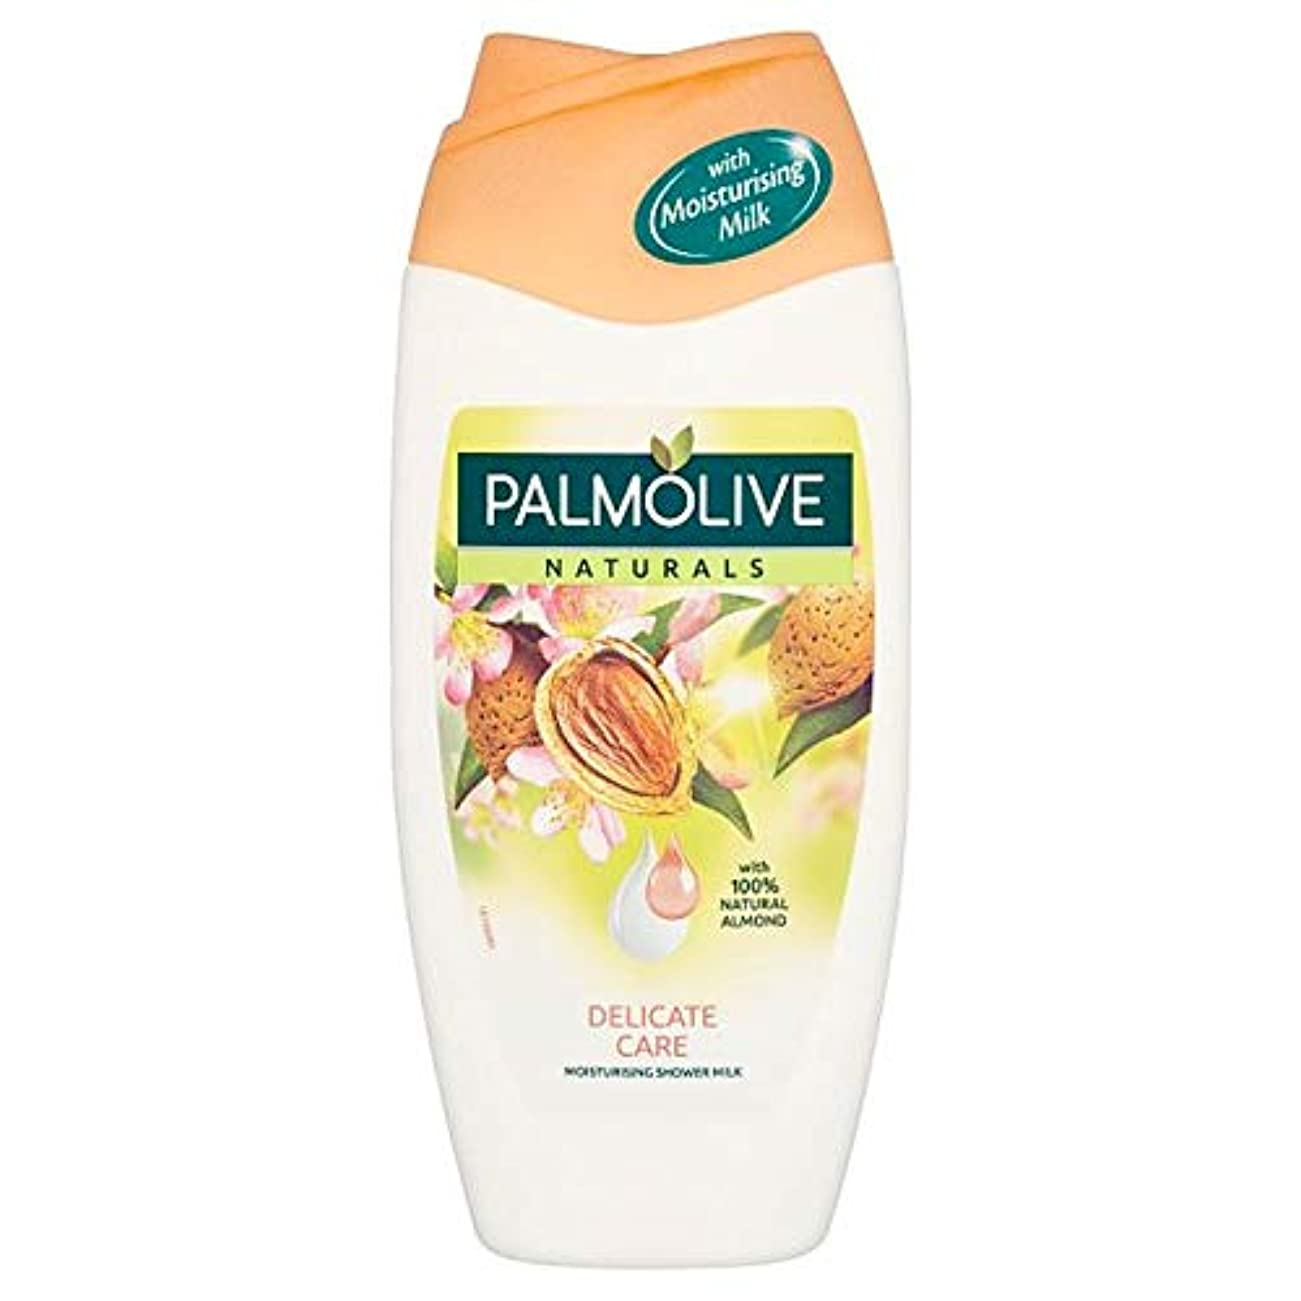 多様性時間担保[Palmolive] Palmolive社ナチュラルズは、シャワージェル250ミリリットルアーモンド - Palmolive Naturals Almond Shower Gel 250Ml [並行輸入品]